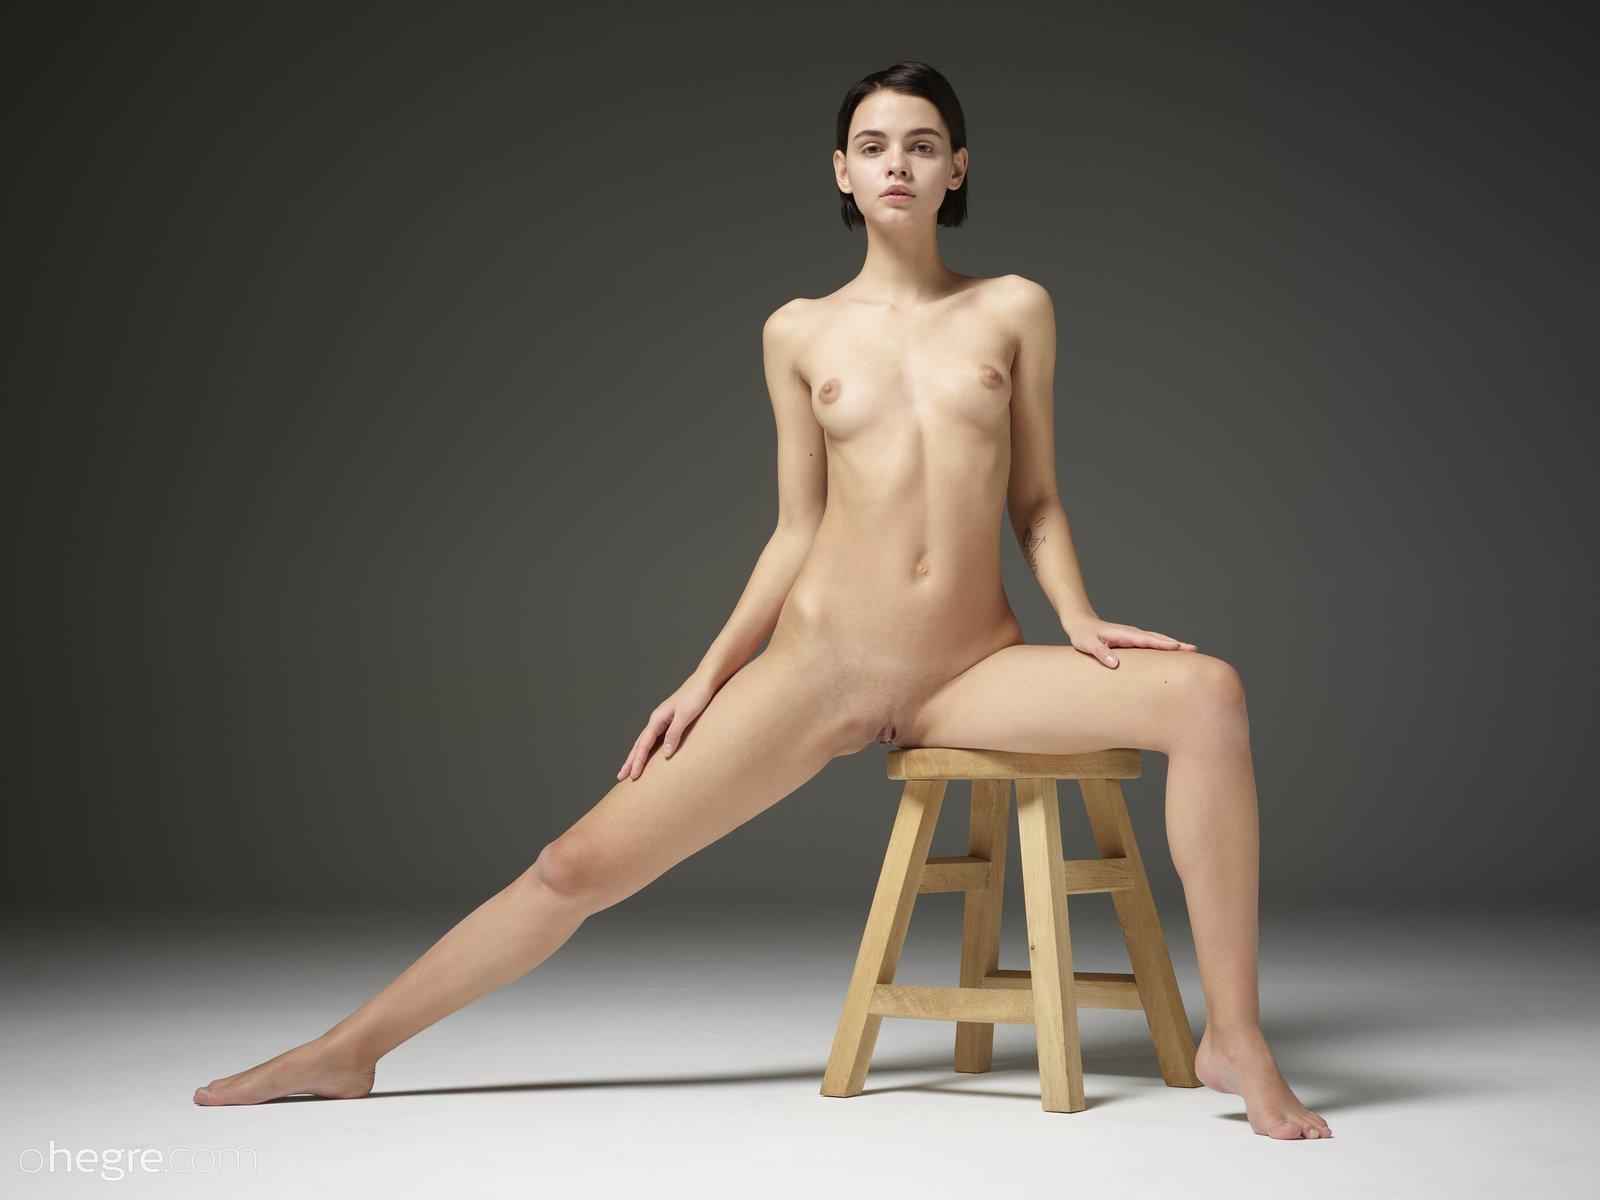 Девка с модельной внешностью показала голое тело смотреть эротику